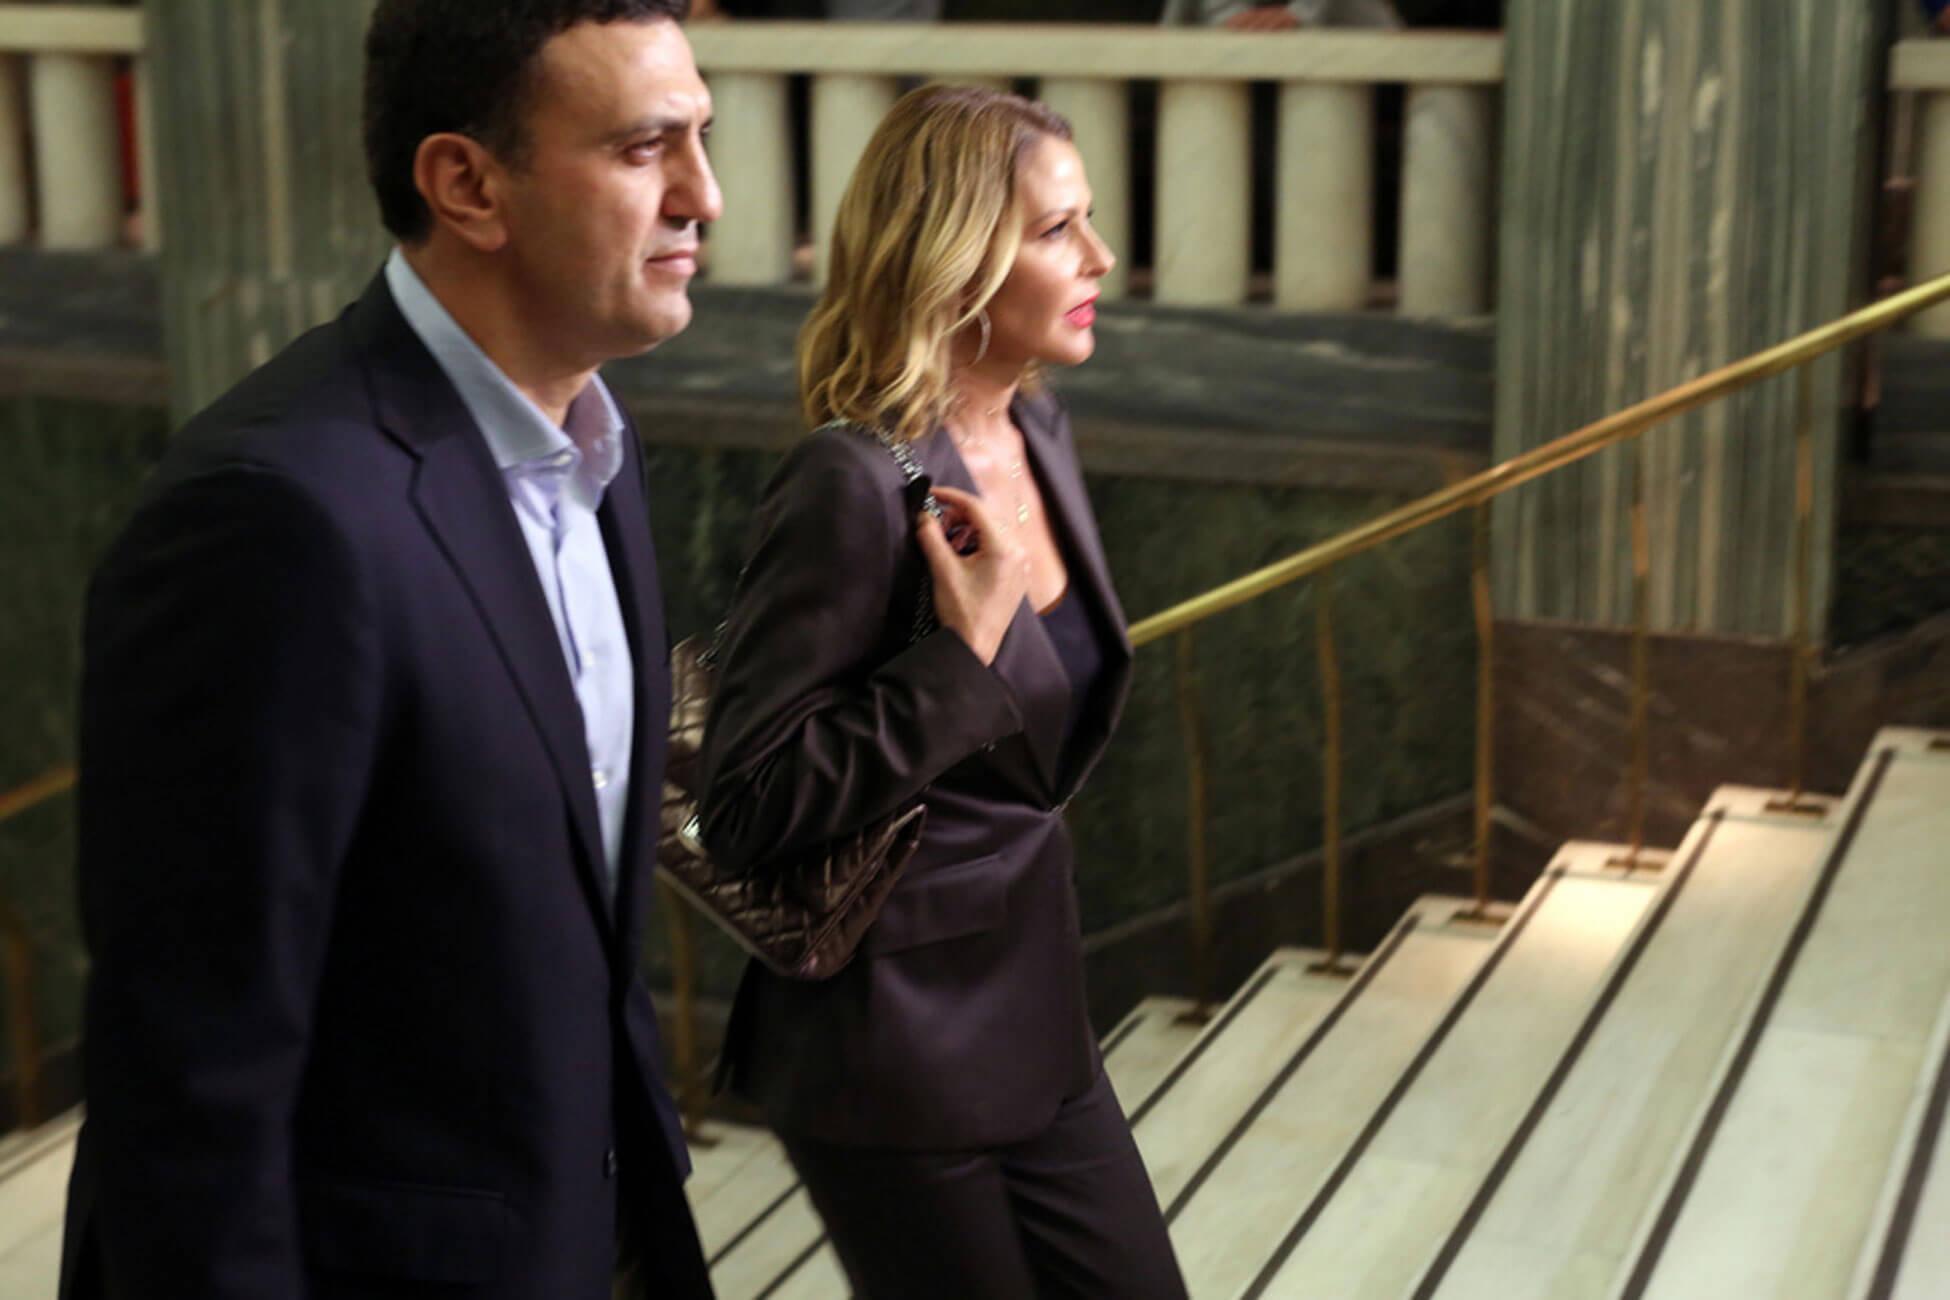 Τον Ιούνιο στην Αθήνα ο γάμος Κικίλια – Μπαλατσινού: «Δεν υπάρχει ευτυχέστερη στιγμή» – video